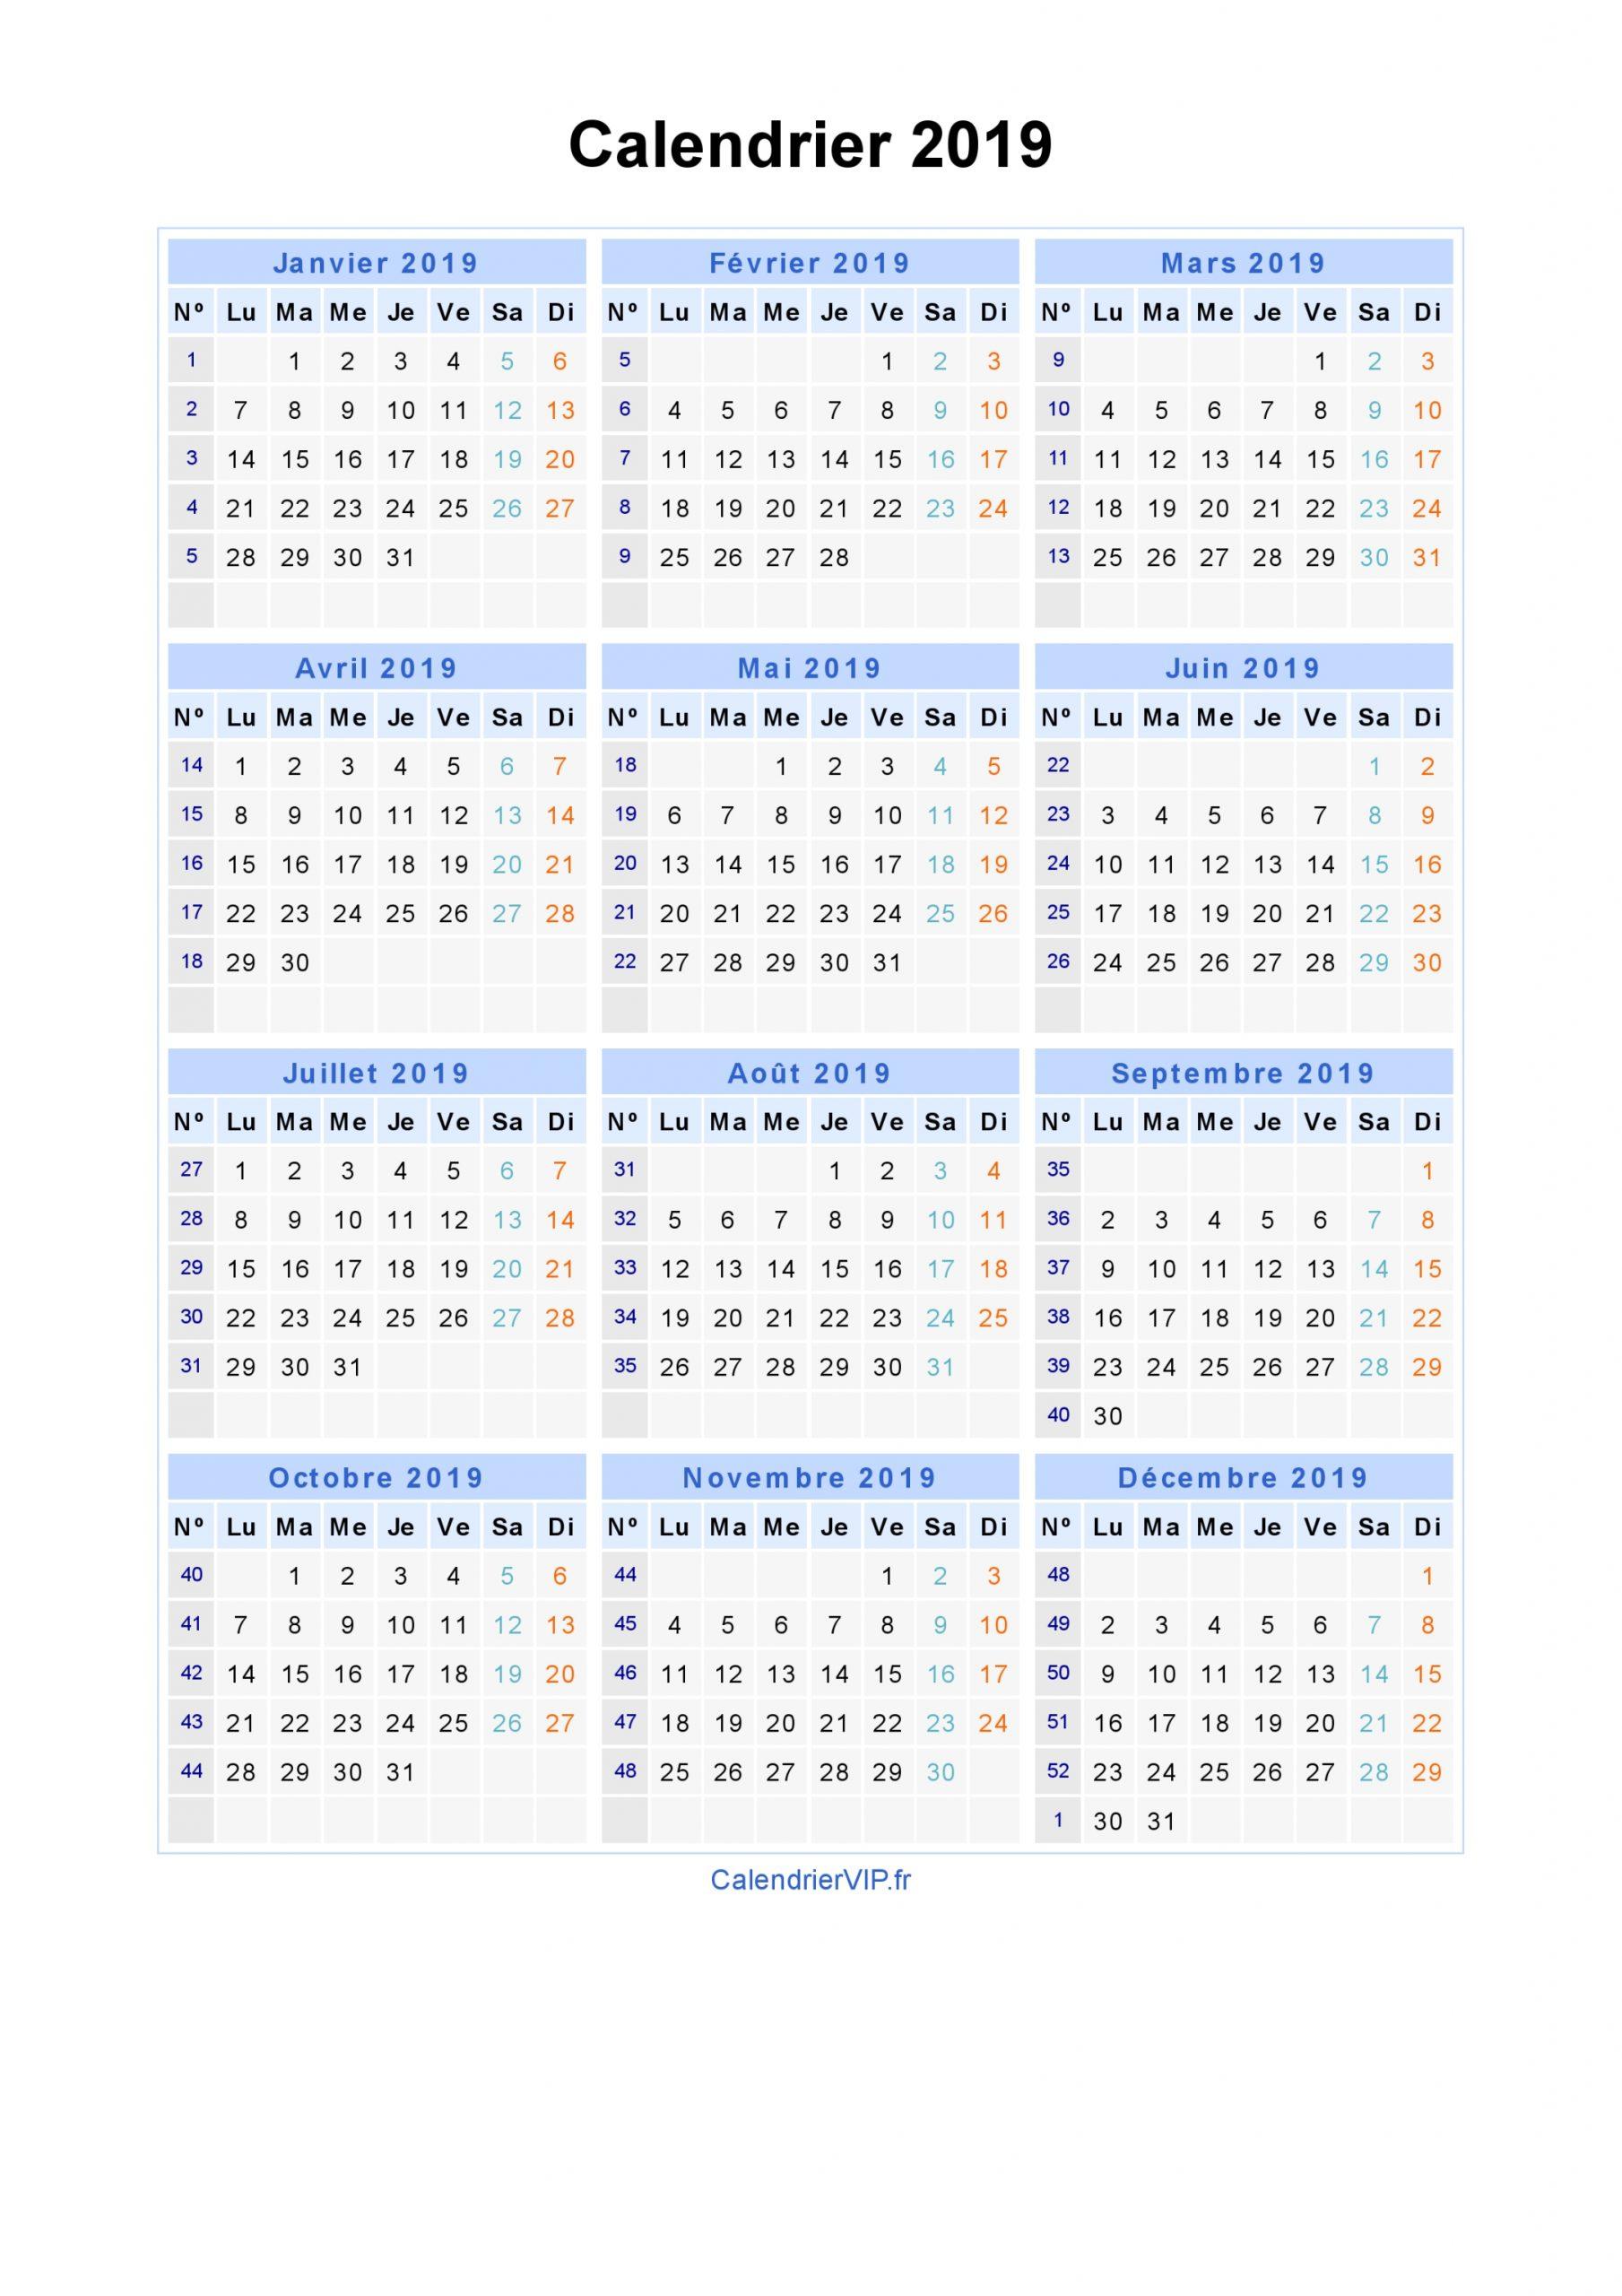 Calendrier 2019 À Imprimer Gratuit En Pdf Et Excel avec Calendrier Annuel 2019 À Imprimer Gratuit